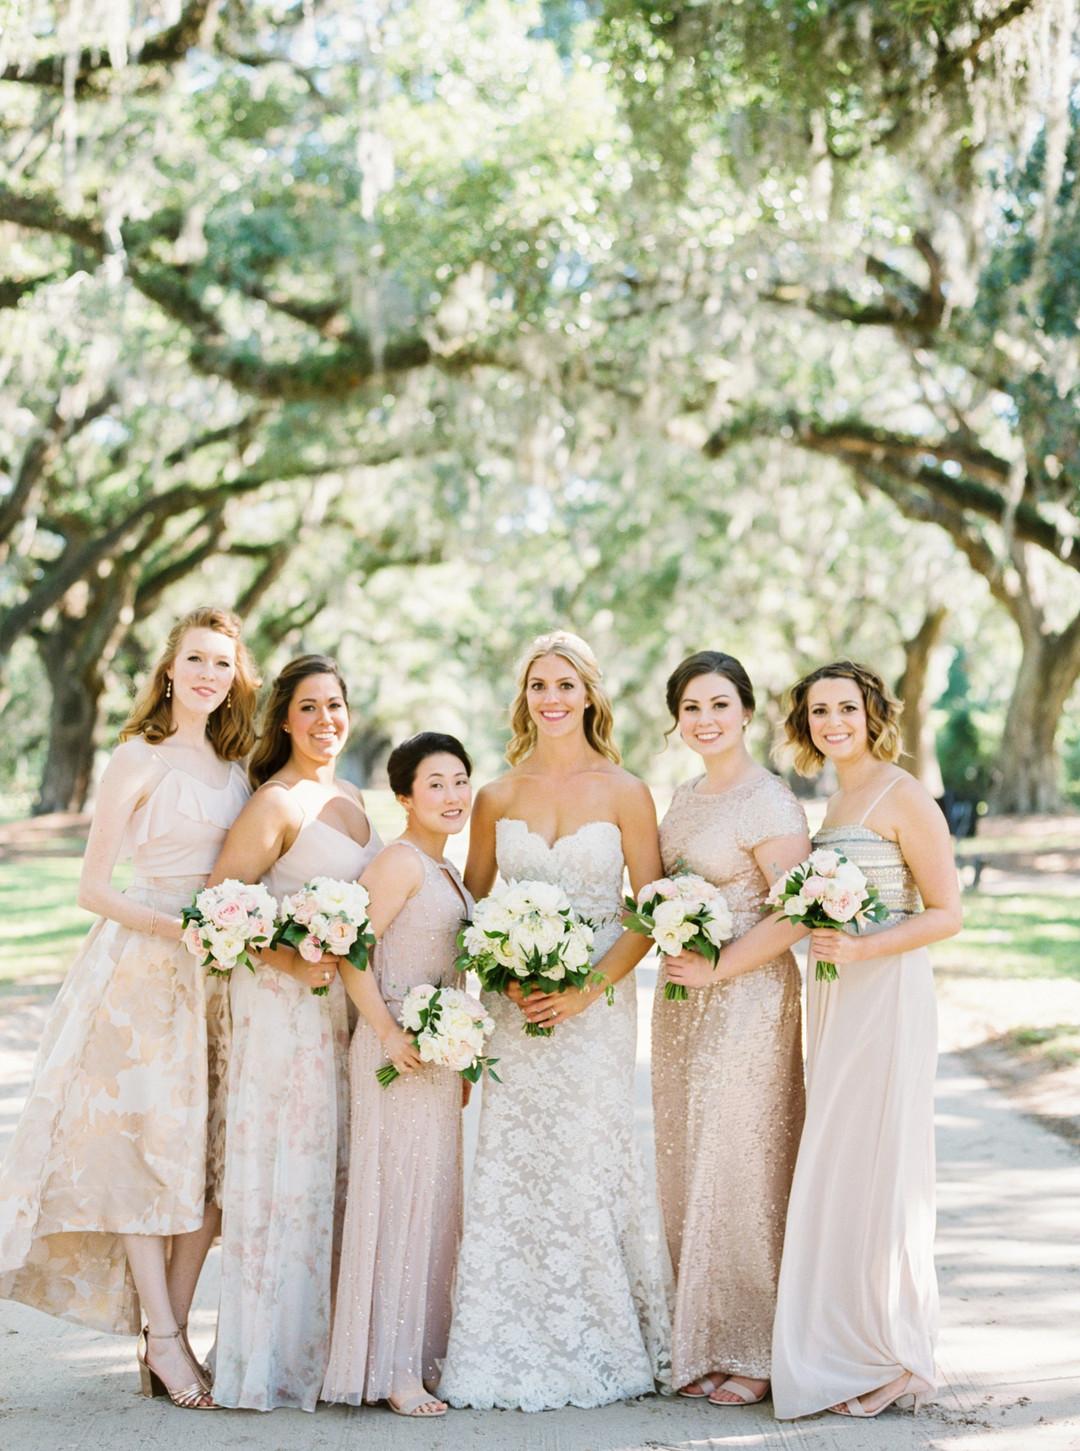 boone-hall-plantation-wedding-32.jpg